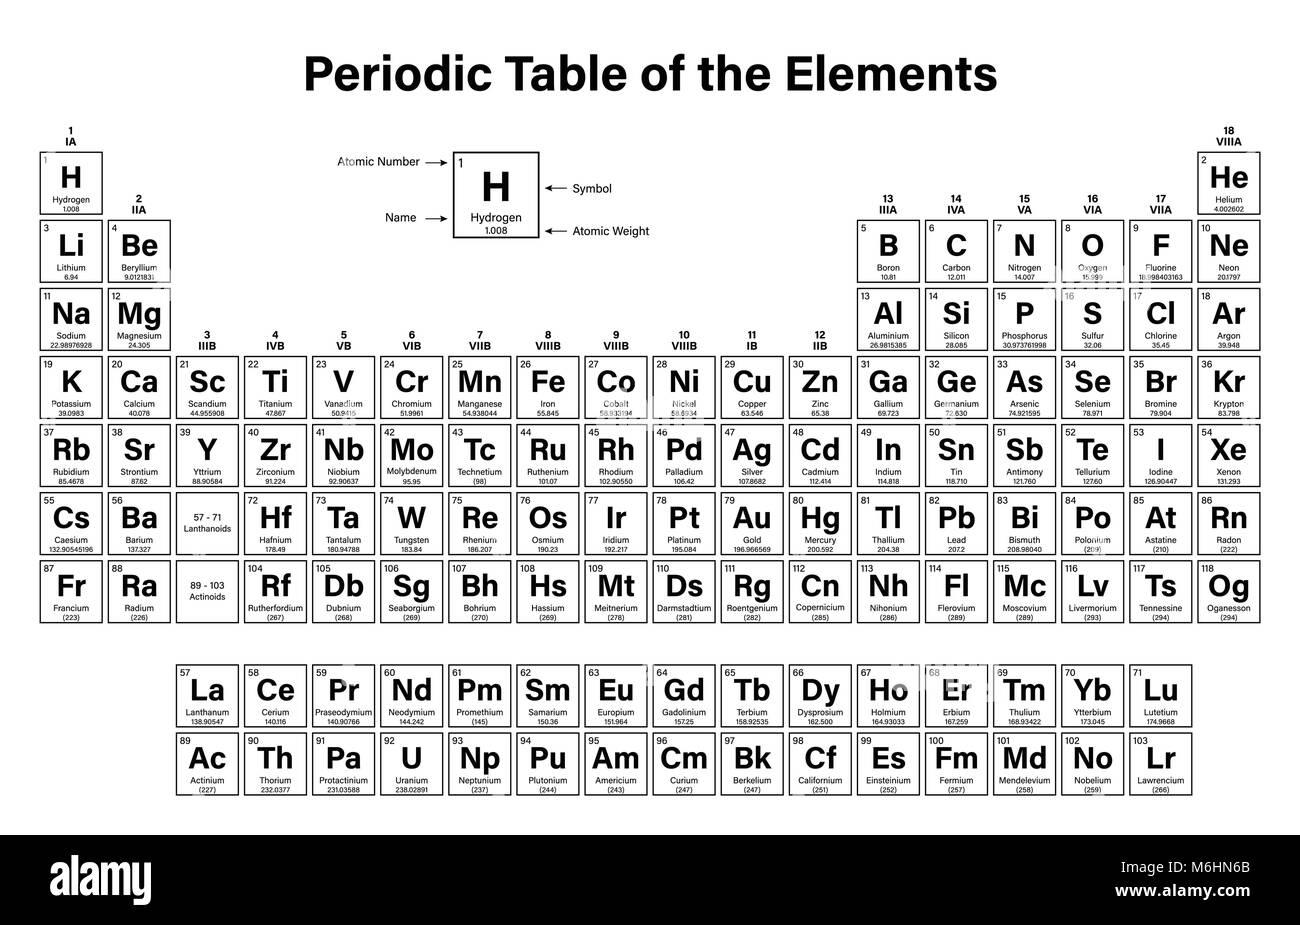 Tavola periodica degli elementi illustrazione vettoriale mostra tavola periodica degli elementi illustrazione vettoriale mostra numero atomico simbolo nome e peso atomico urtaz Images